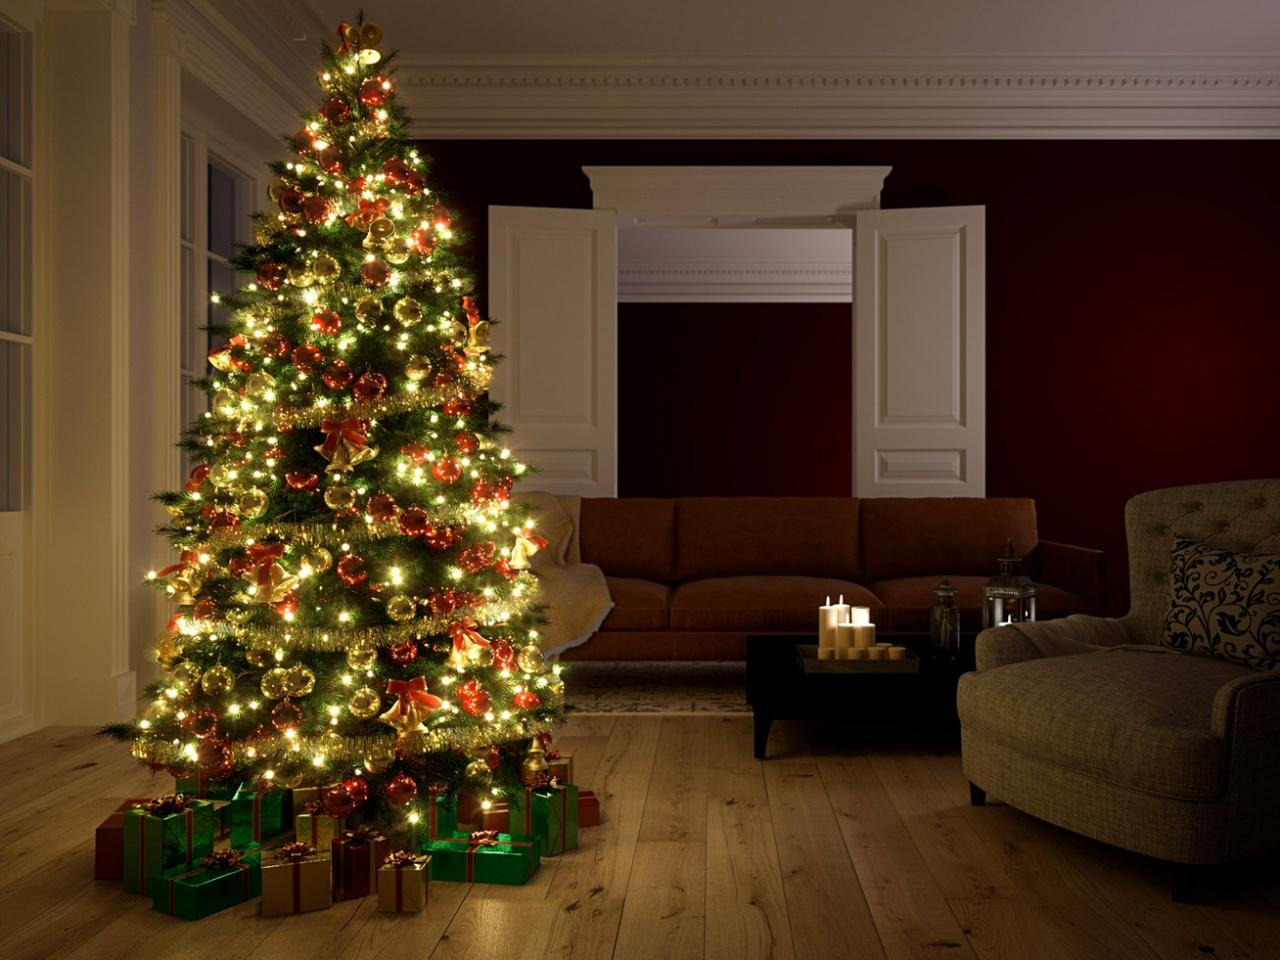 Milyen karácsonyfát díszítsünk ma? - Ön melyik mellett döntött?